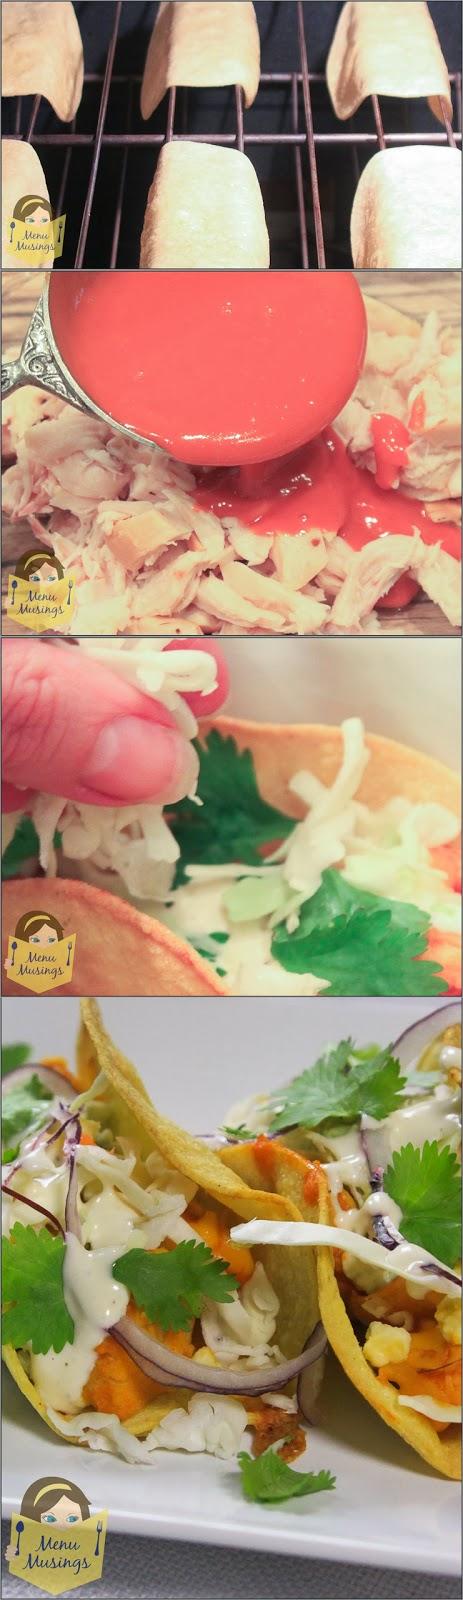 http://menumusings.blogspot.com/2014/02/baked-buffalo-chicken-tacos.html